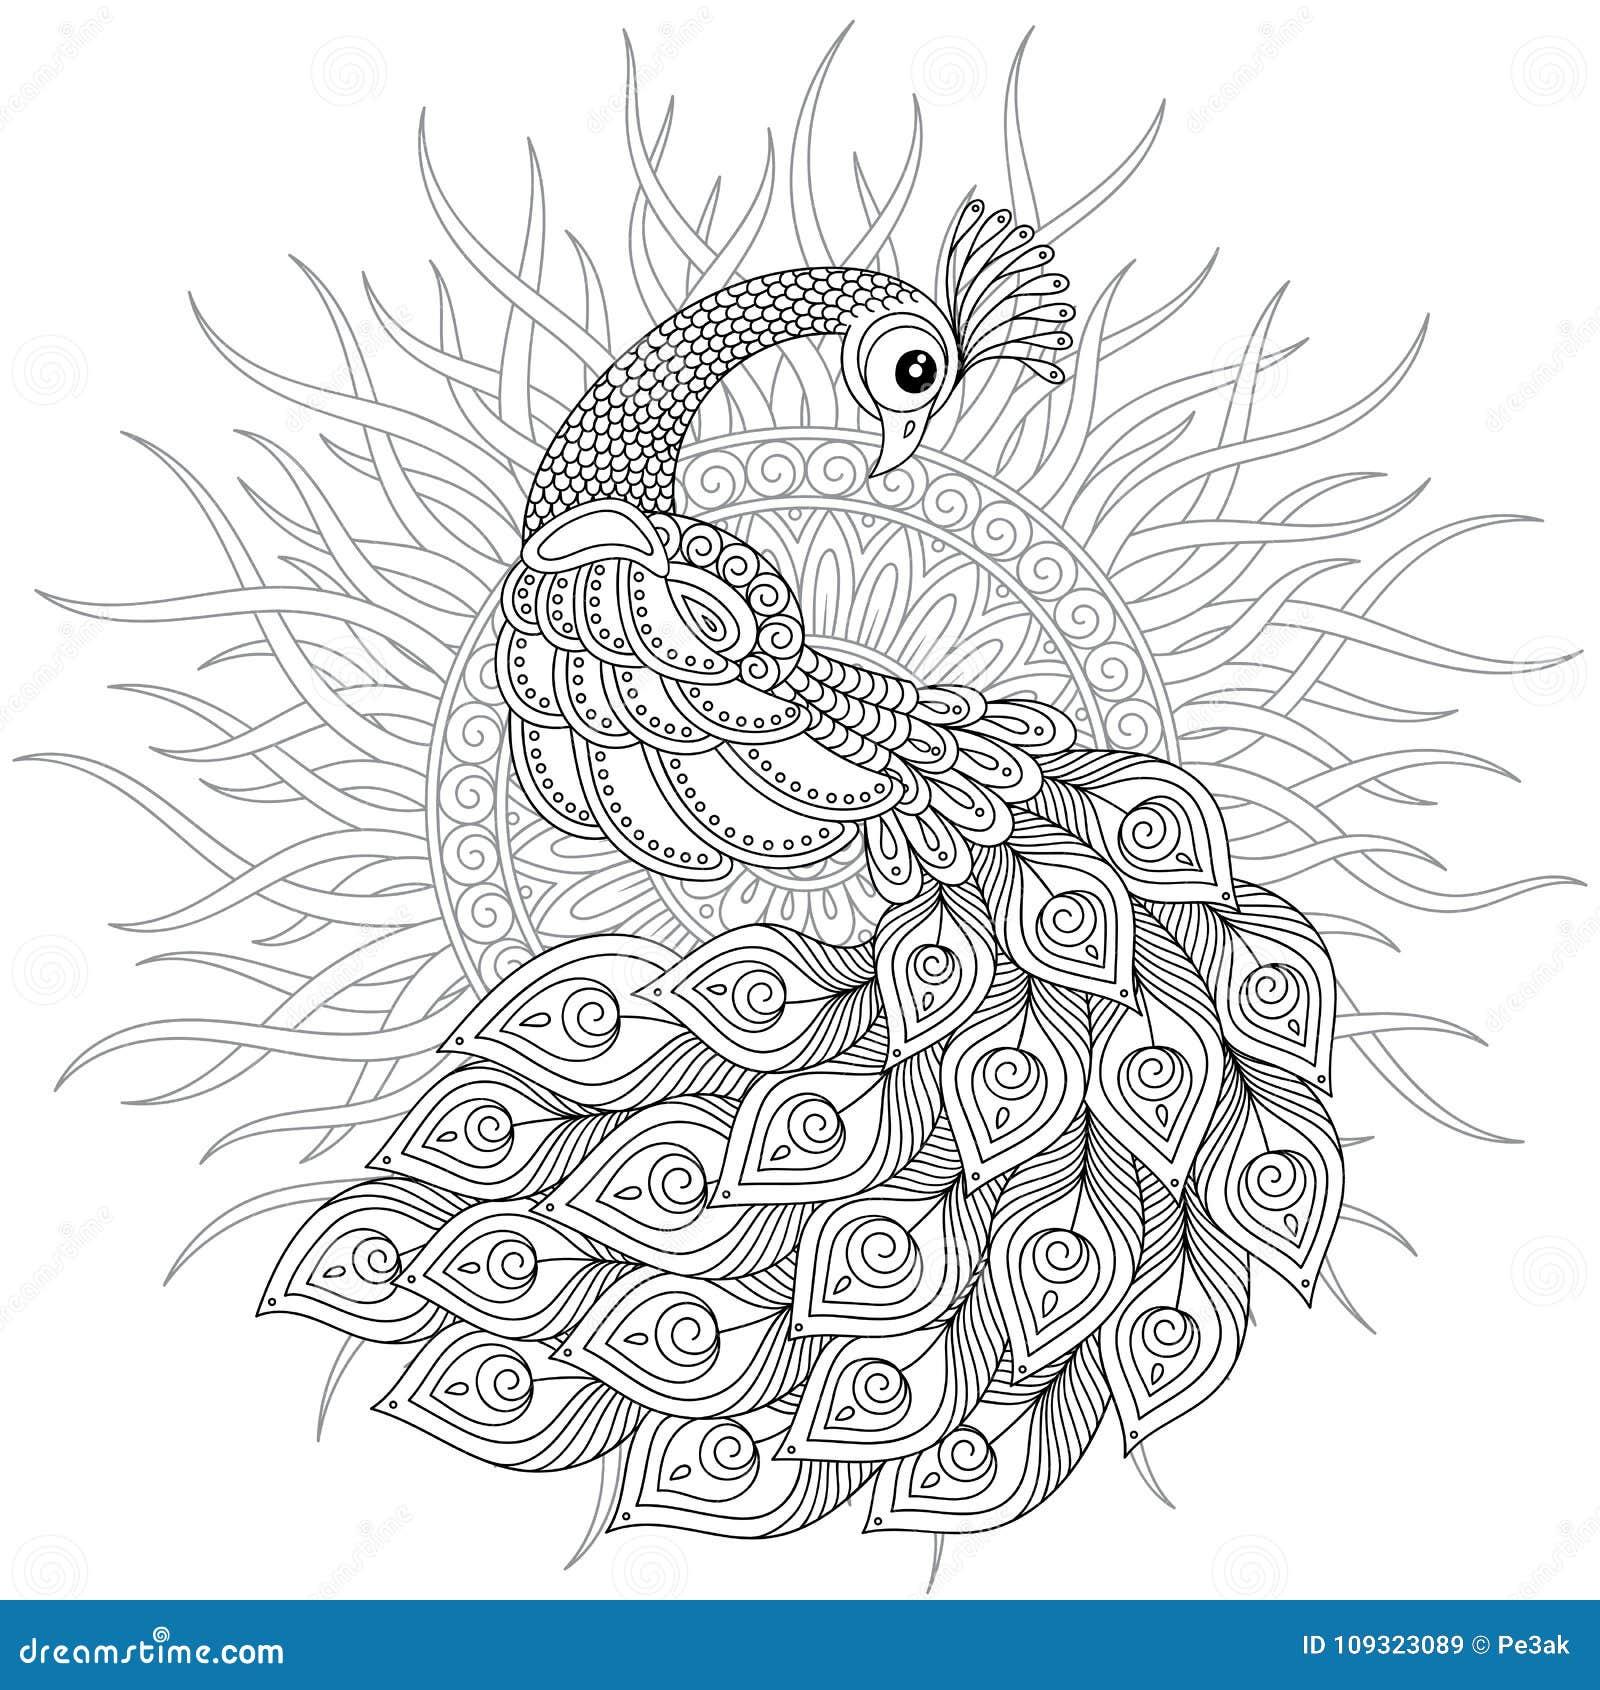 Pavlin V Stile Zentangle Vzroslaya Antistress Stranica Rascvetki Illyustraciya Shtoka Illyustracii Naschityvayushej Vzroslaya Stranica 109323089